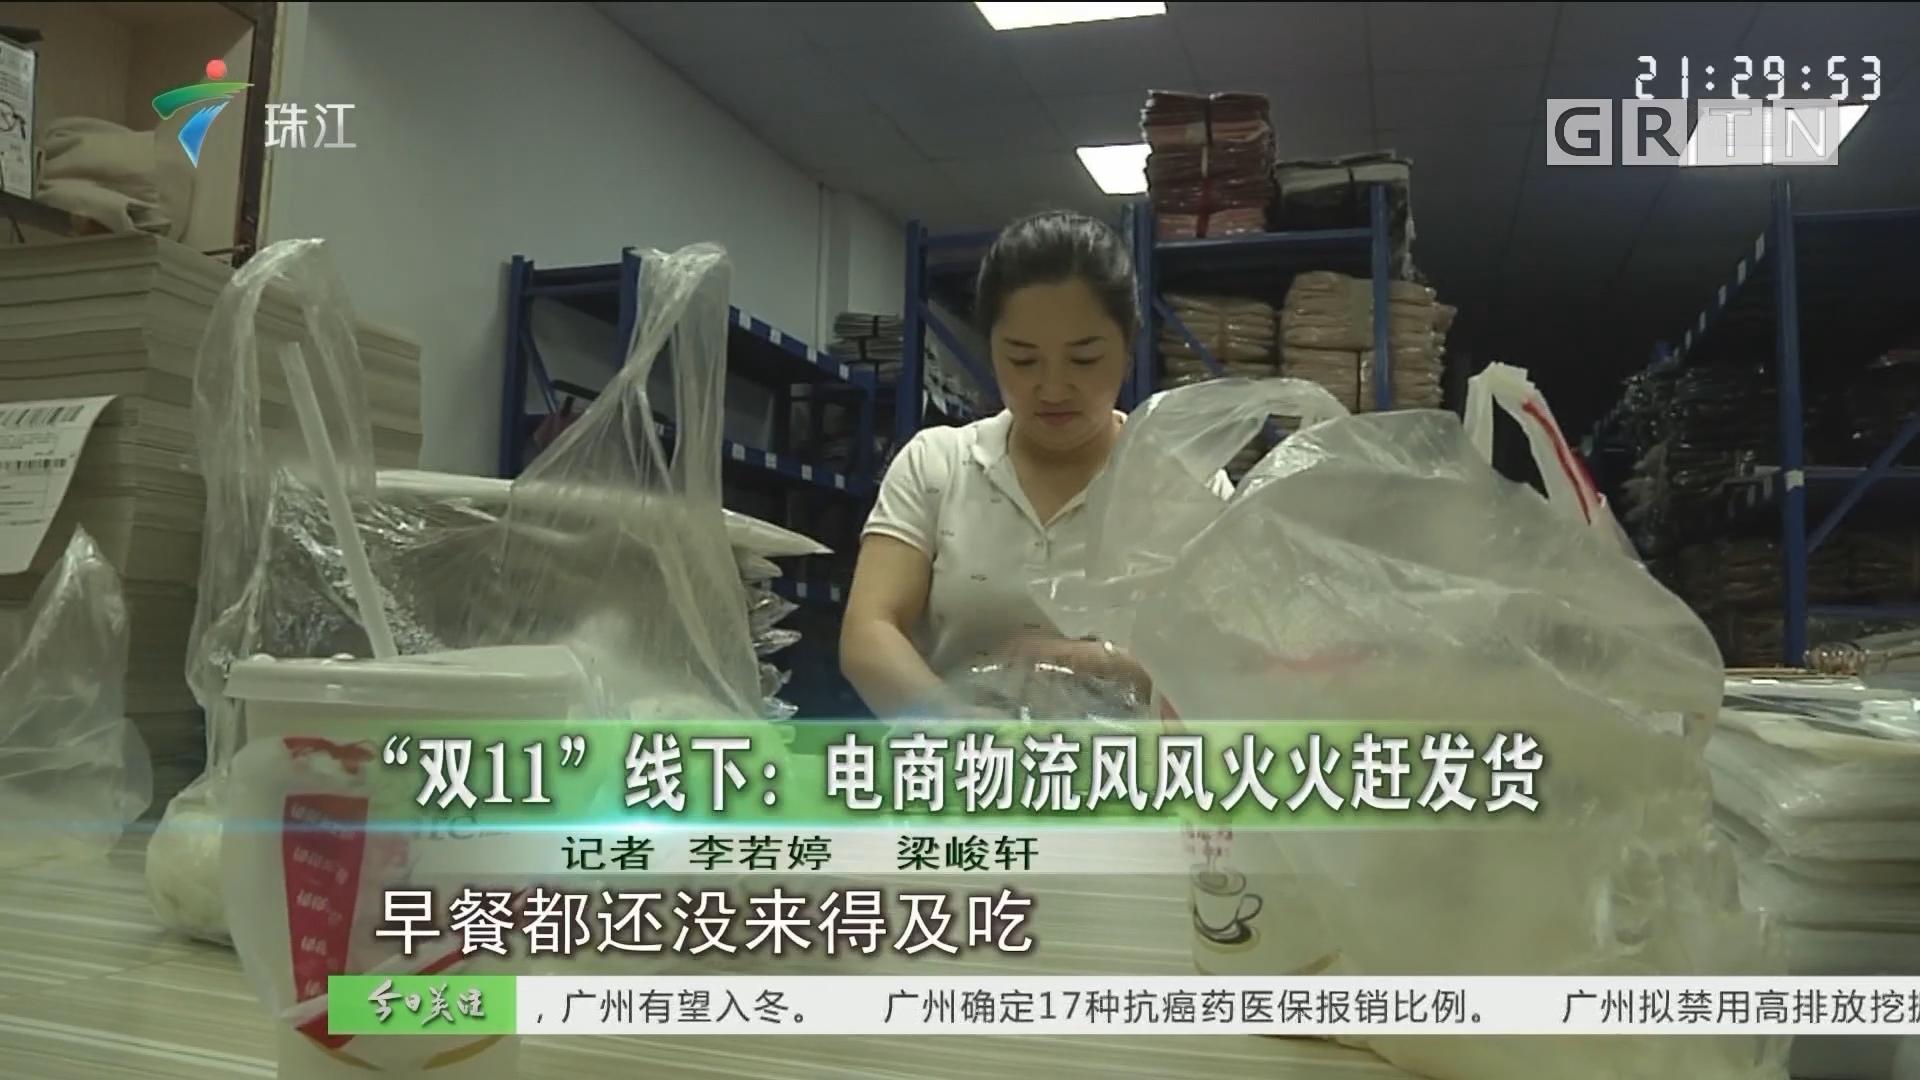 """""""双11""""线下:电商物流风风火火赶发货"""